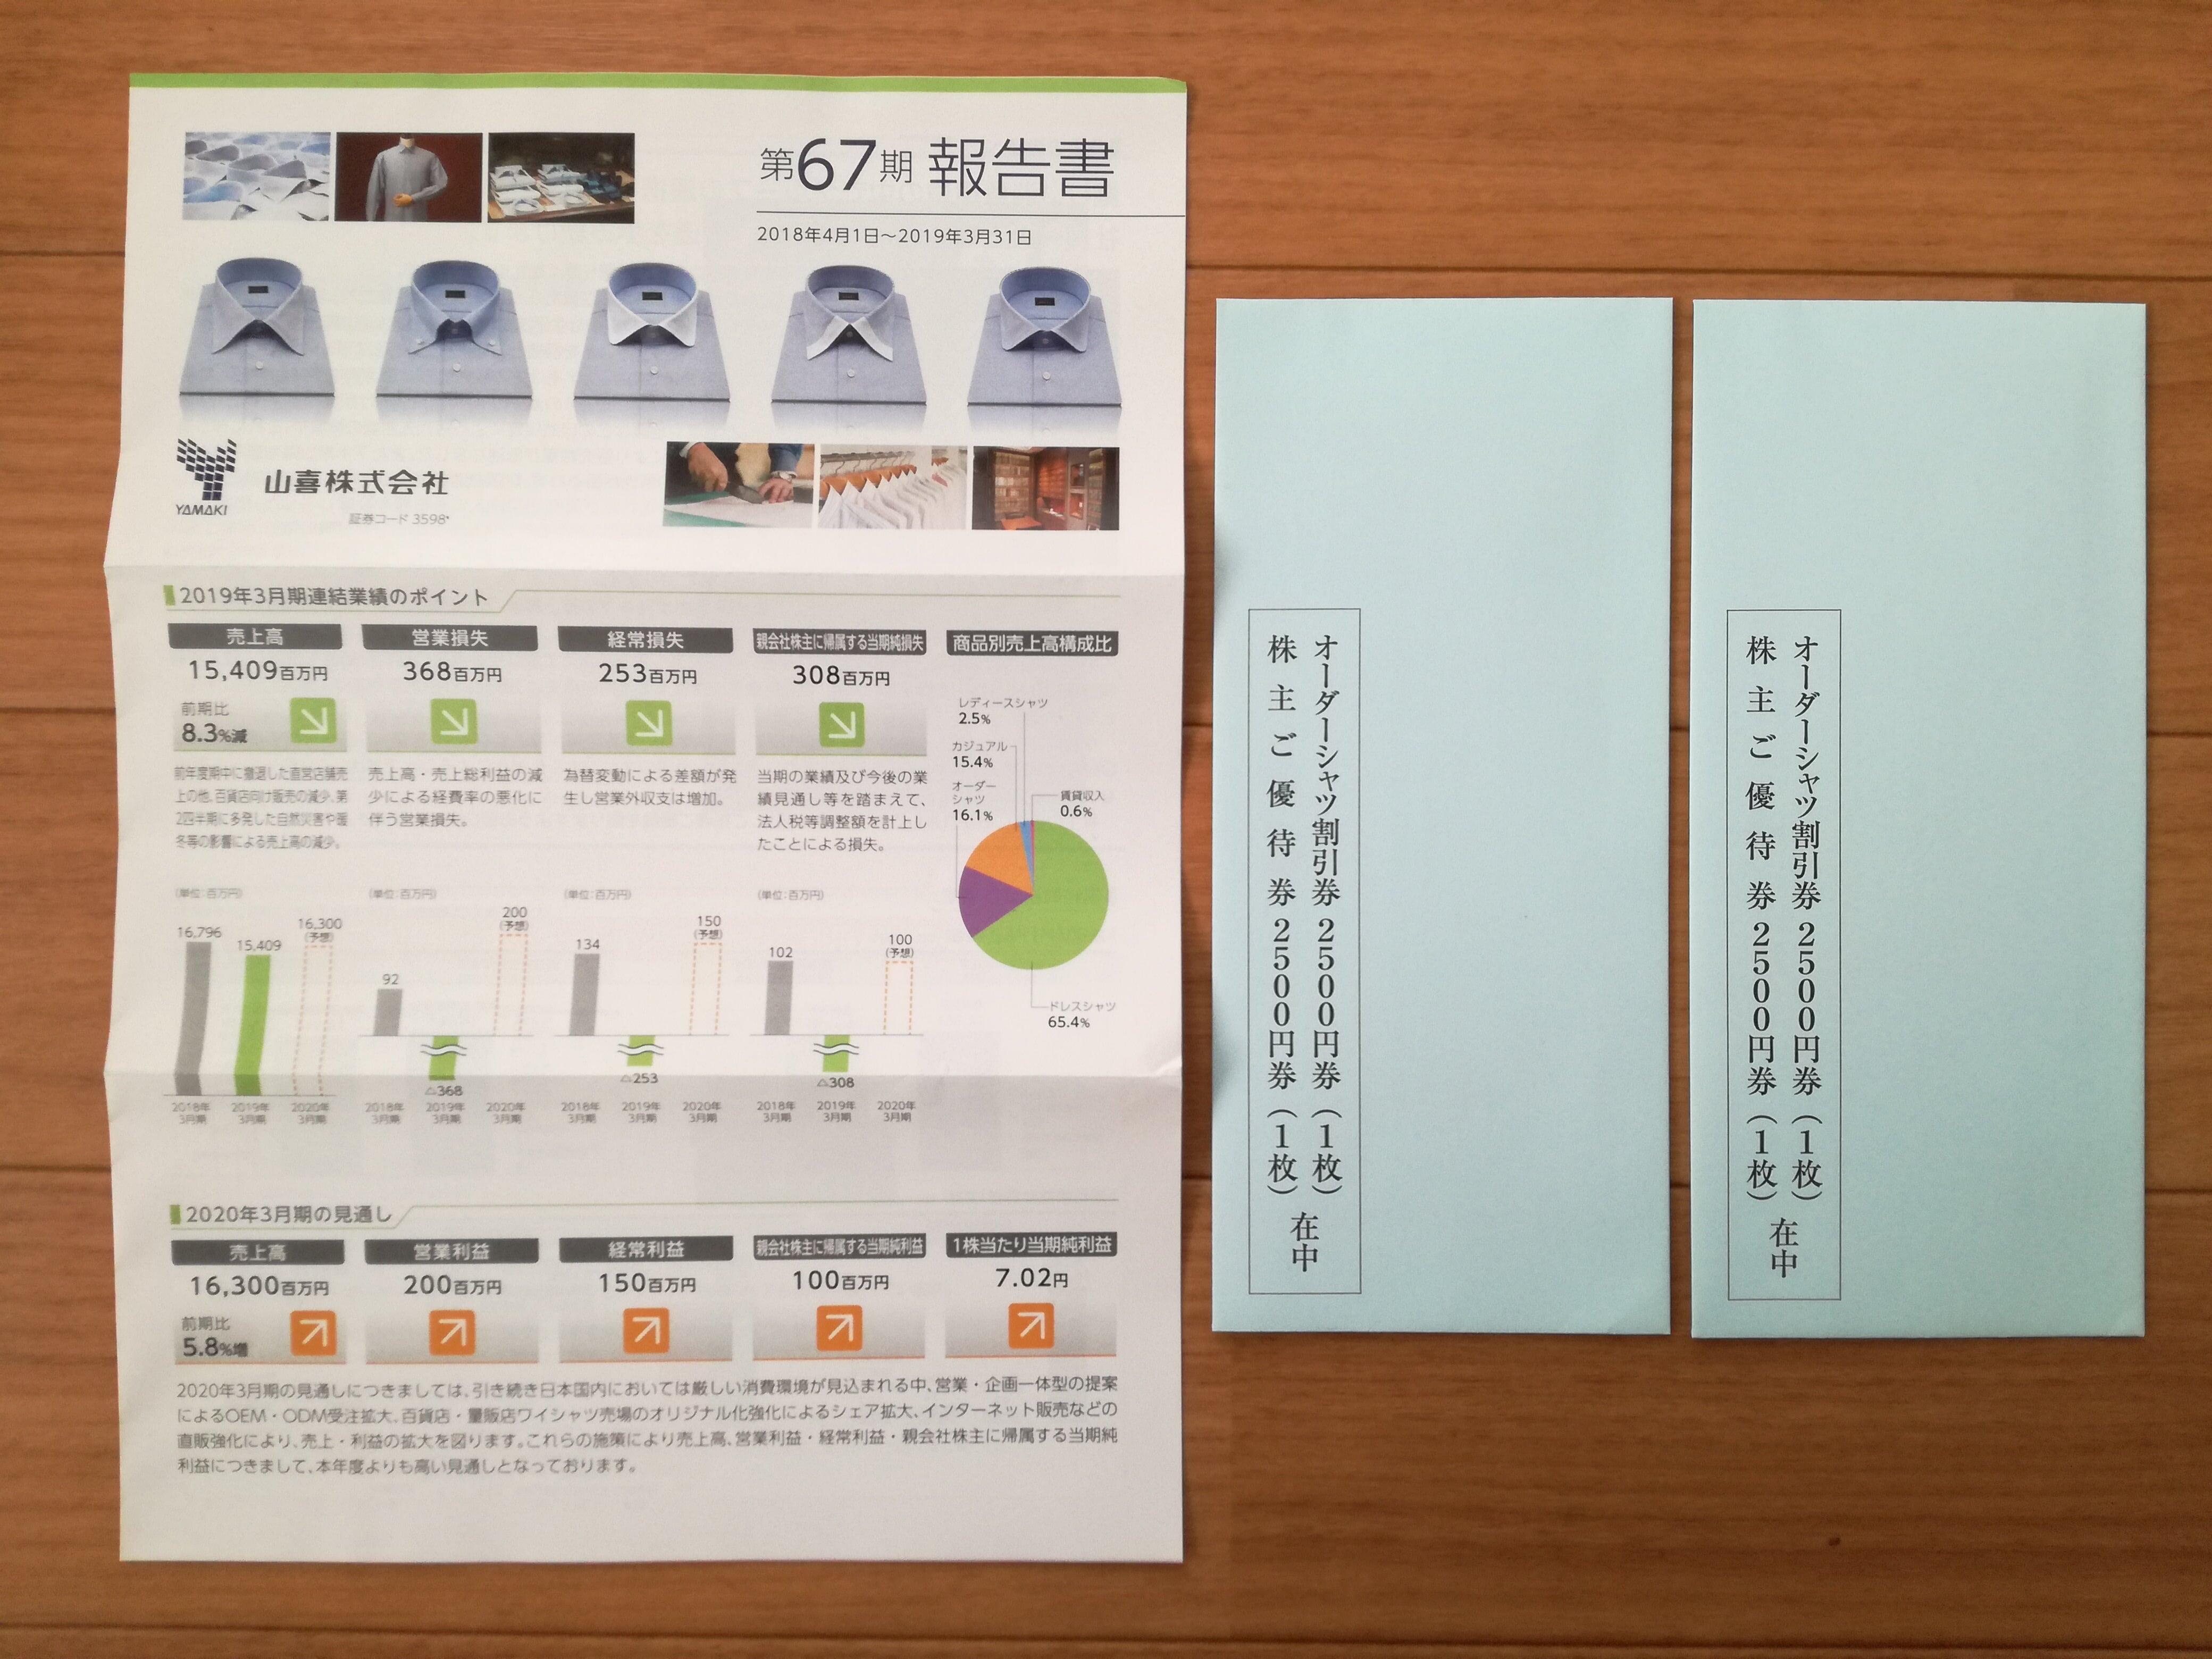 毎回2,500円のワイシャツ2枚を無料購入できる山喜(3598)の株主優待券が2名義分到着!